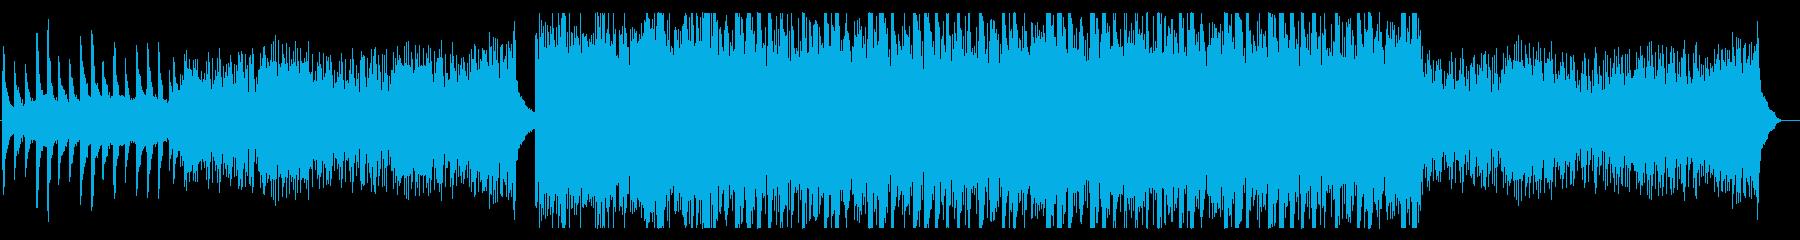 壮大に広がるピアノ曲・絶景 ・感動系の再生済みの波形